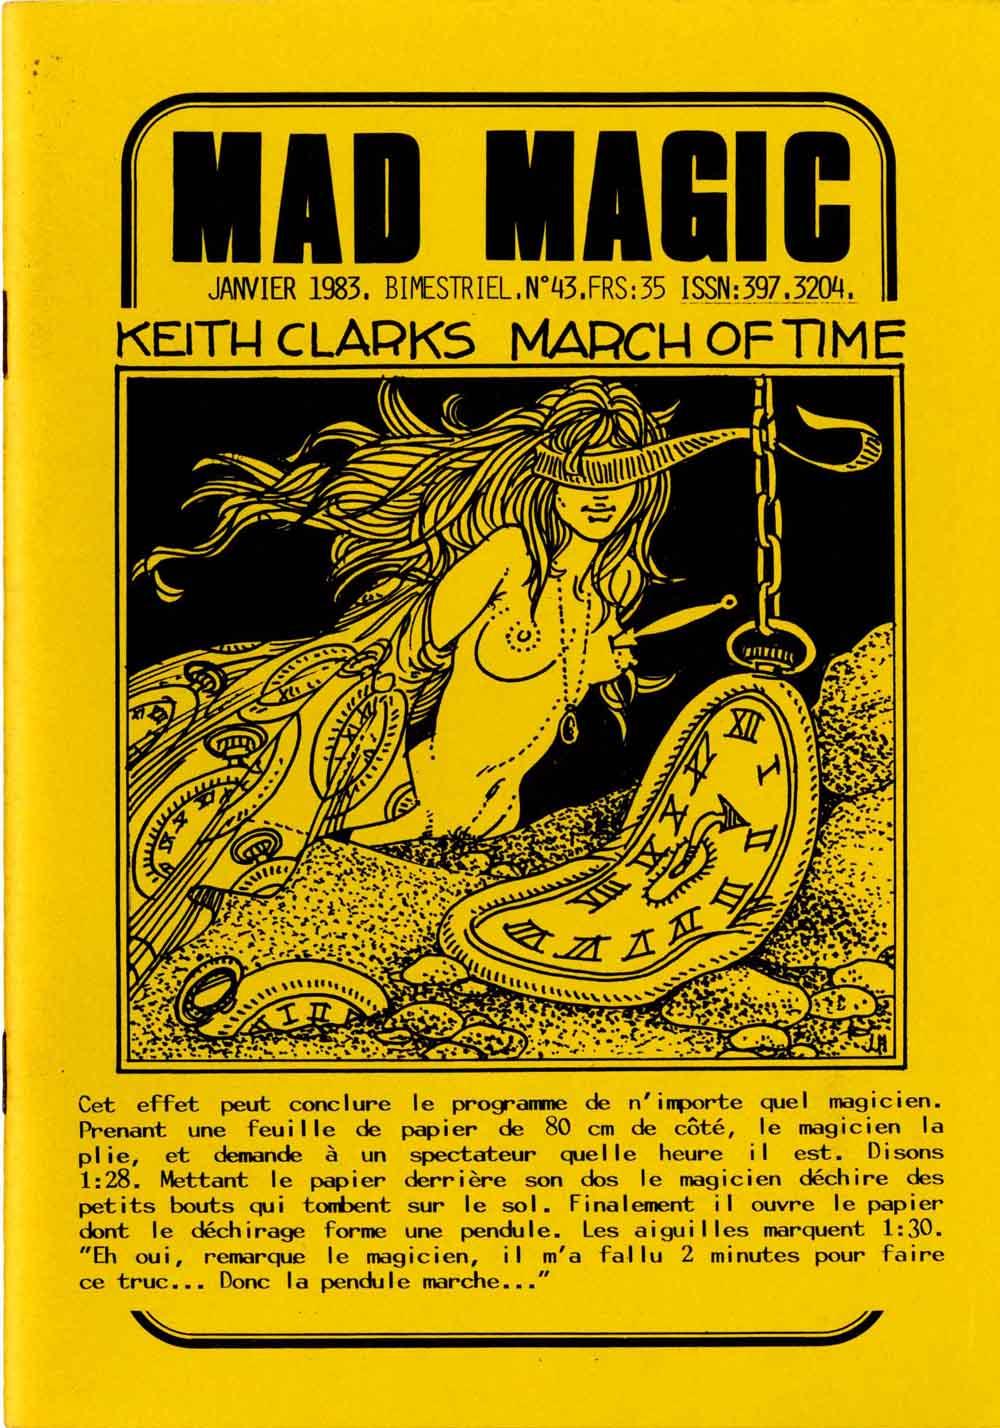 Par passion, Hodges dessina bénévolement pour quasiment toutes les revues d'illusionnisme françaises : le Magicien, l'Illusionniste, Arcane, la Revue de la prestidigitation, Magicus, Imagik... Mais il fut surtout, avec Jean Merlin aux textes, le coauteur de la meilleure d'entre elles, Mad Magic. Entre 1976 et 1985, les deux comparses produisirent 54 numéros de cette « revue des magiciens qui ont la main gauche adroite », inventive et  drôle.